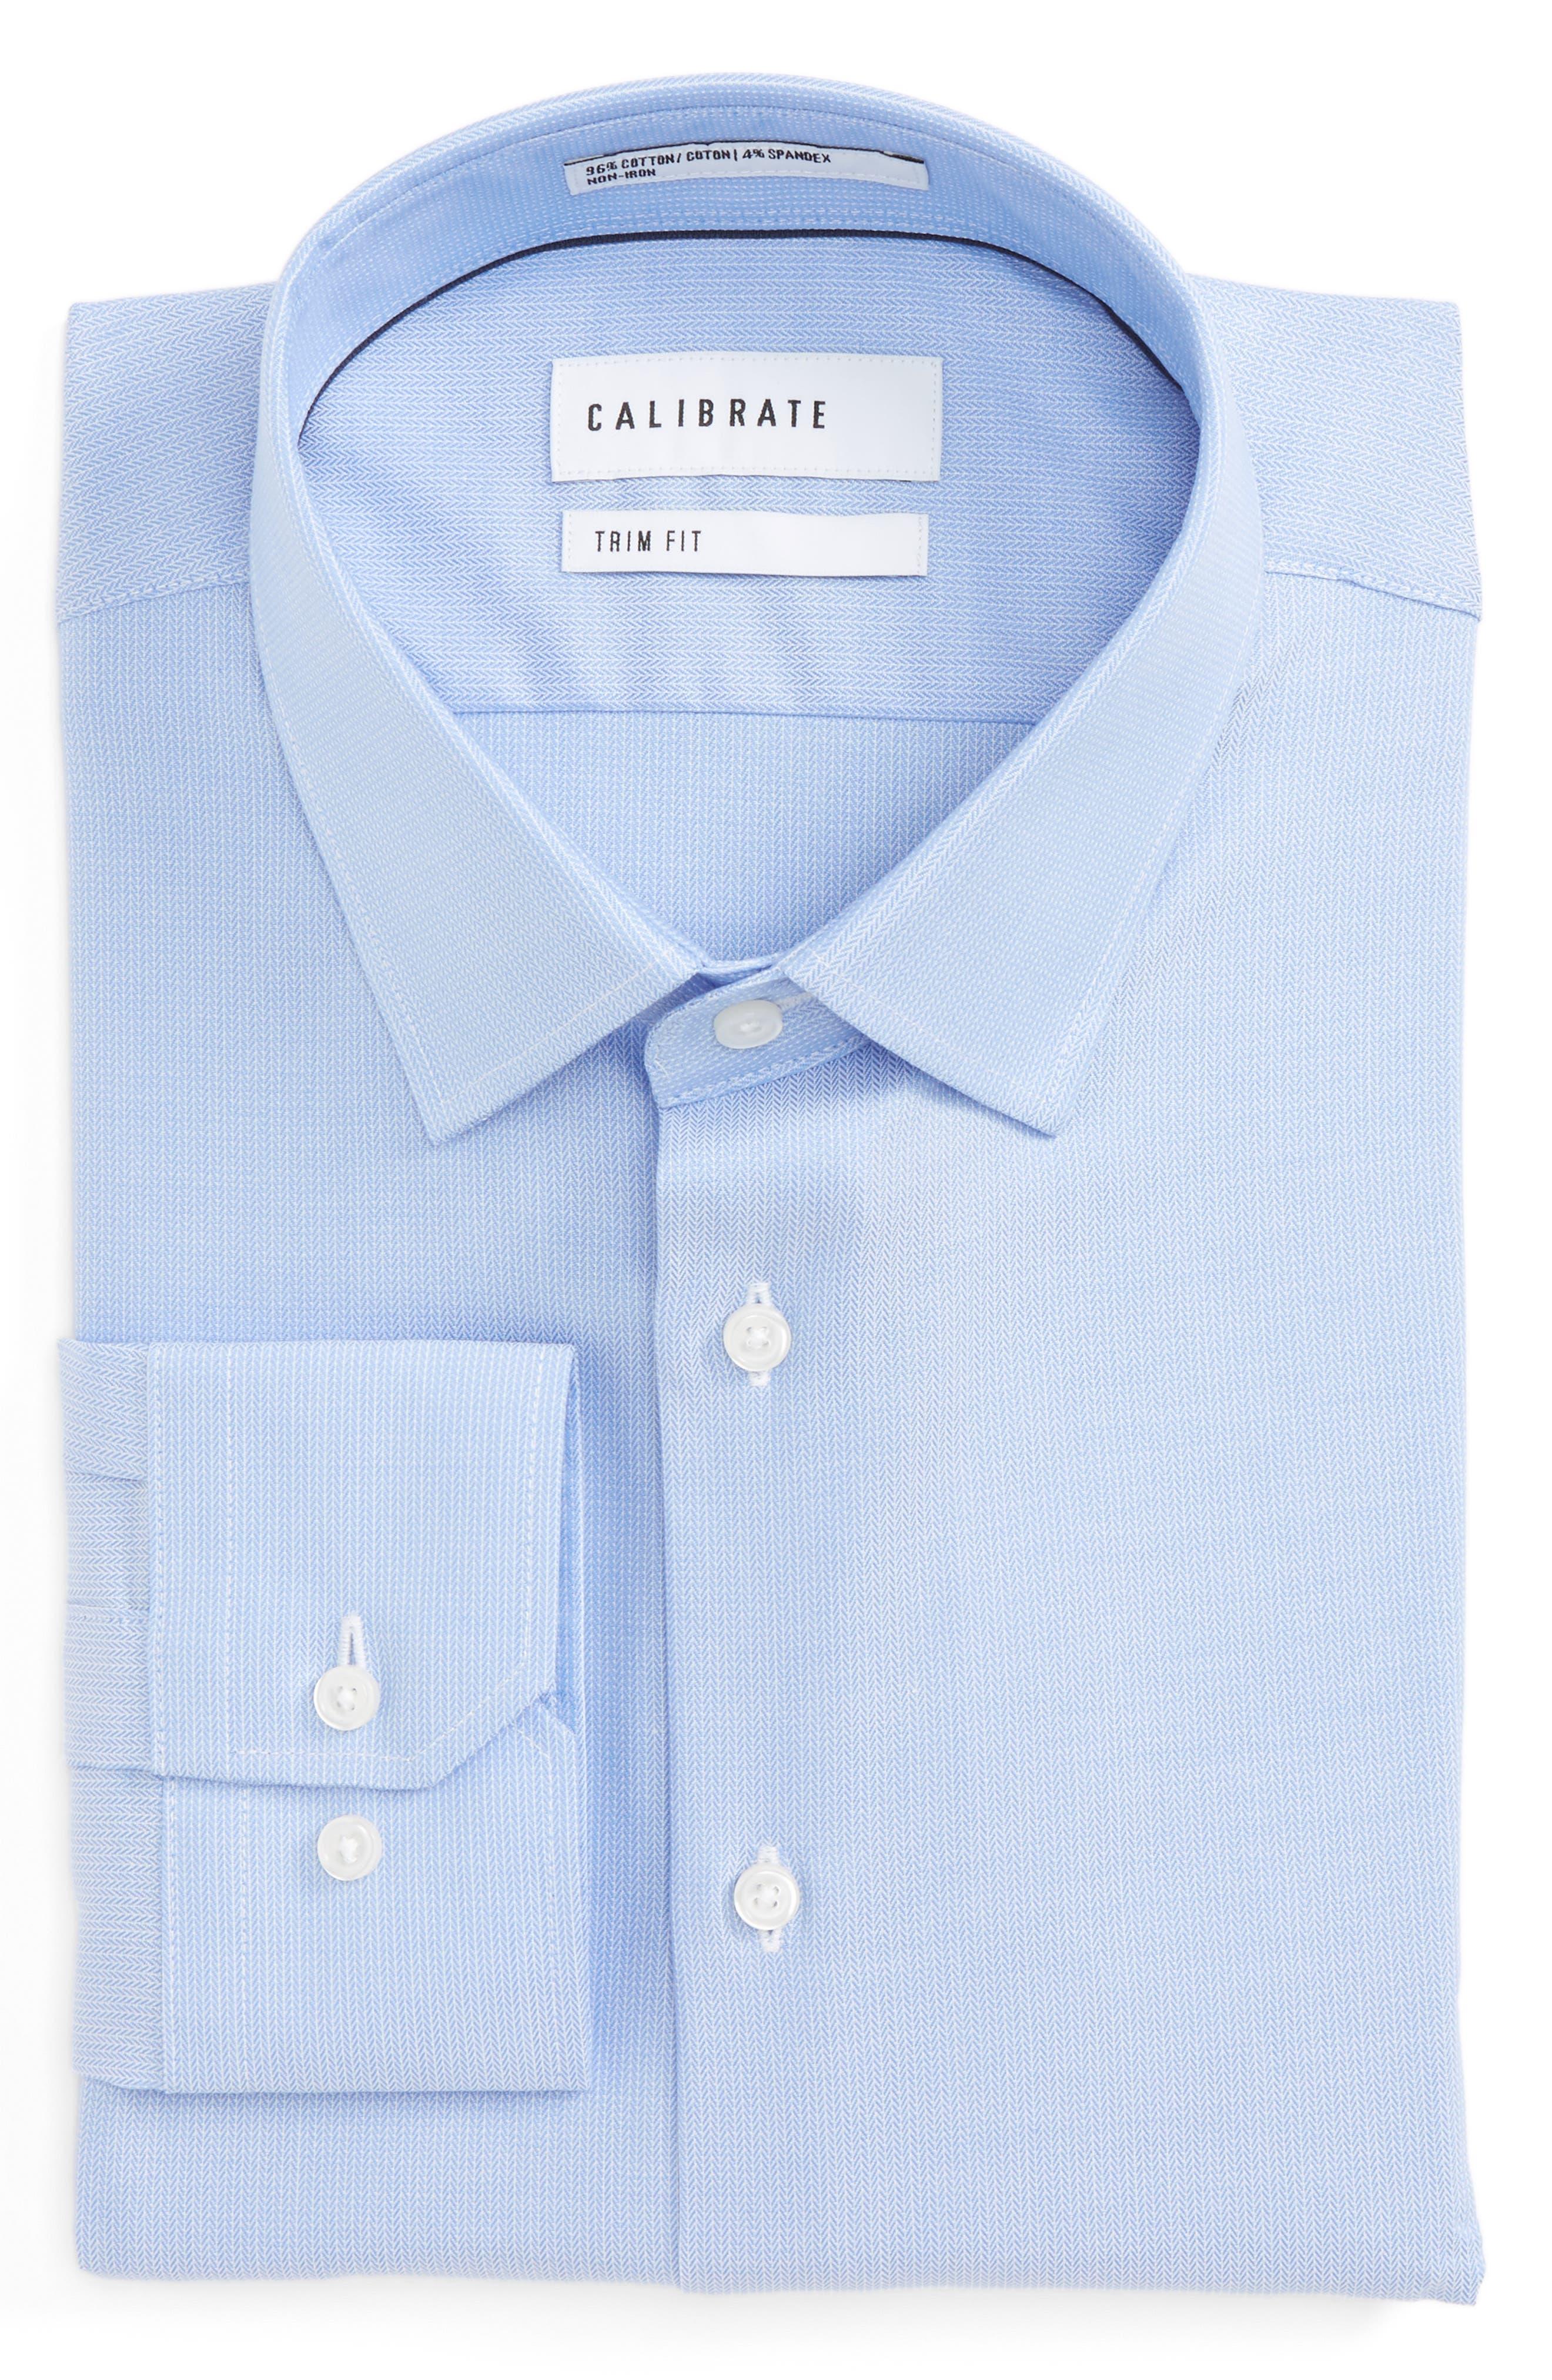 Trim Fit No-Iron Stretch Cotton Dress Shirt,                         Main,                         color, Blue Grapemist